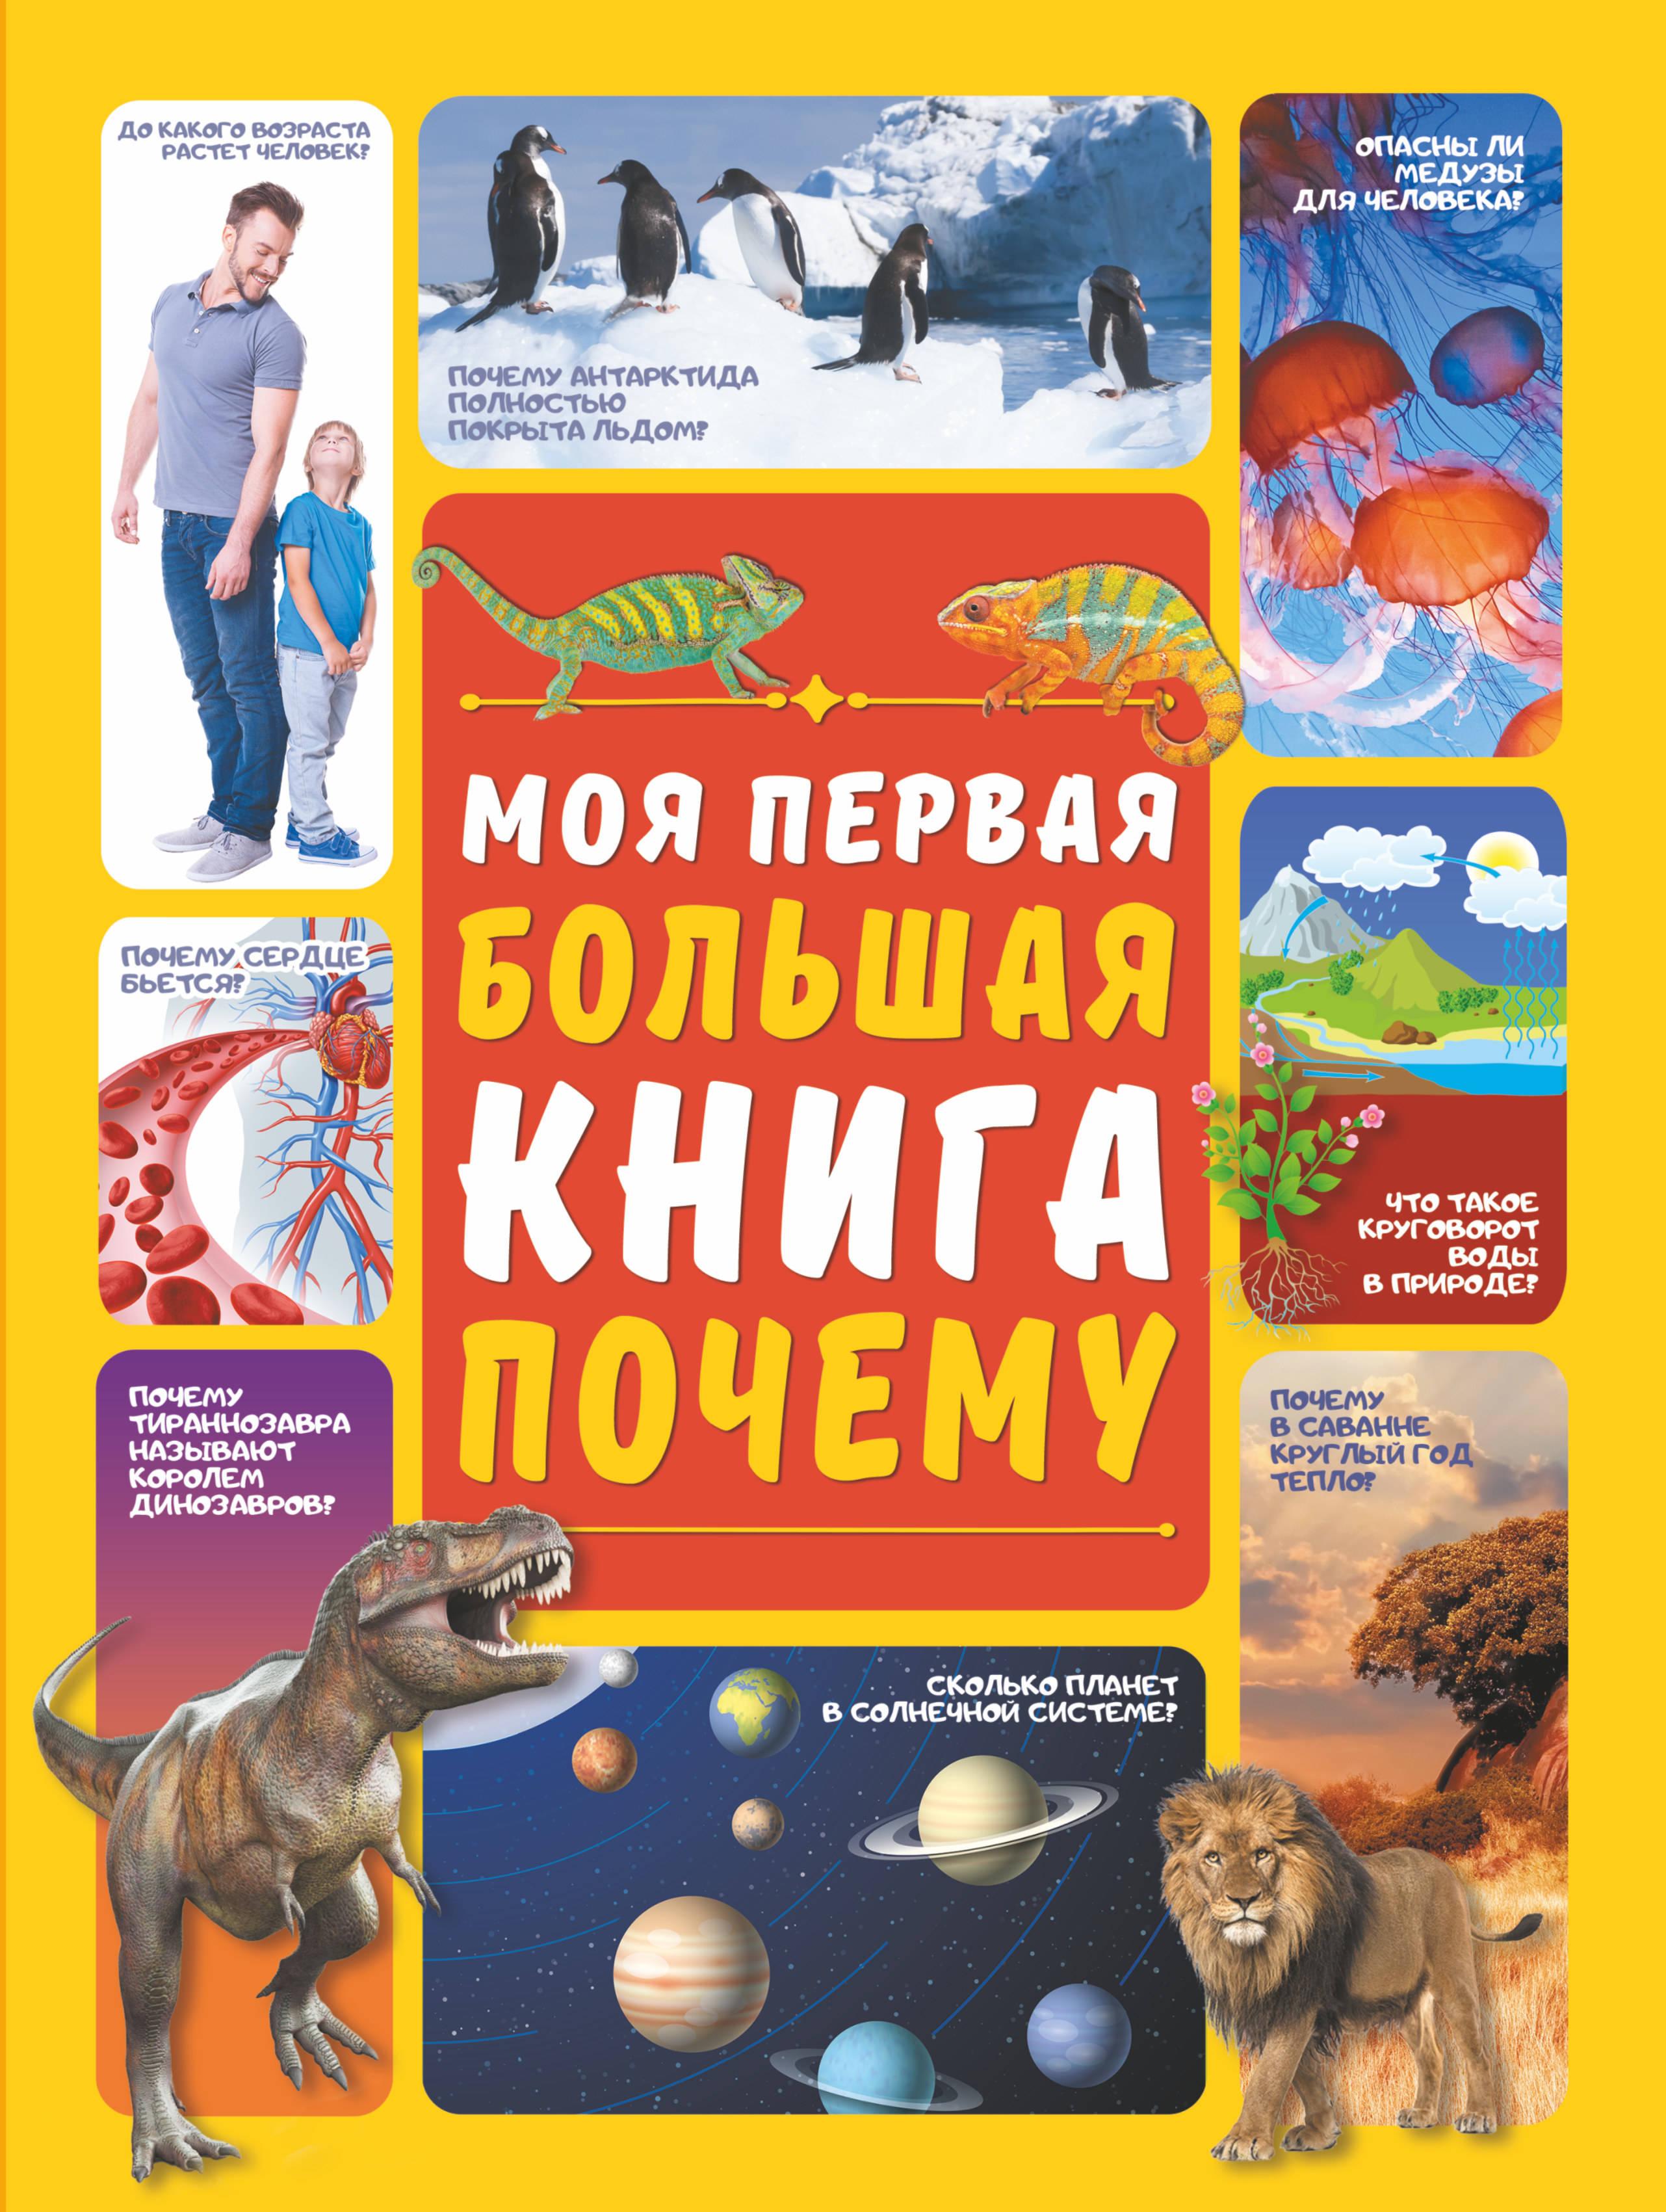 Д. И. Ермакович Моя первая большая книга ПОЧЕМУ